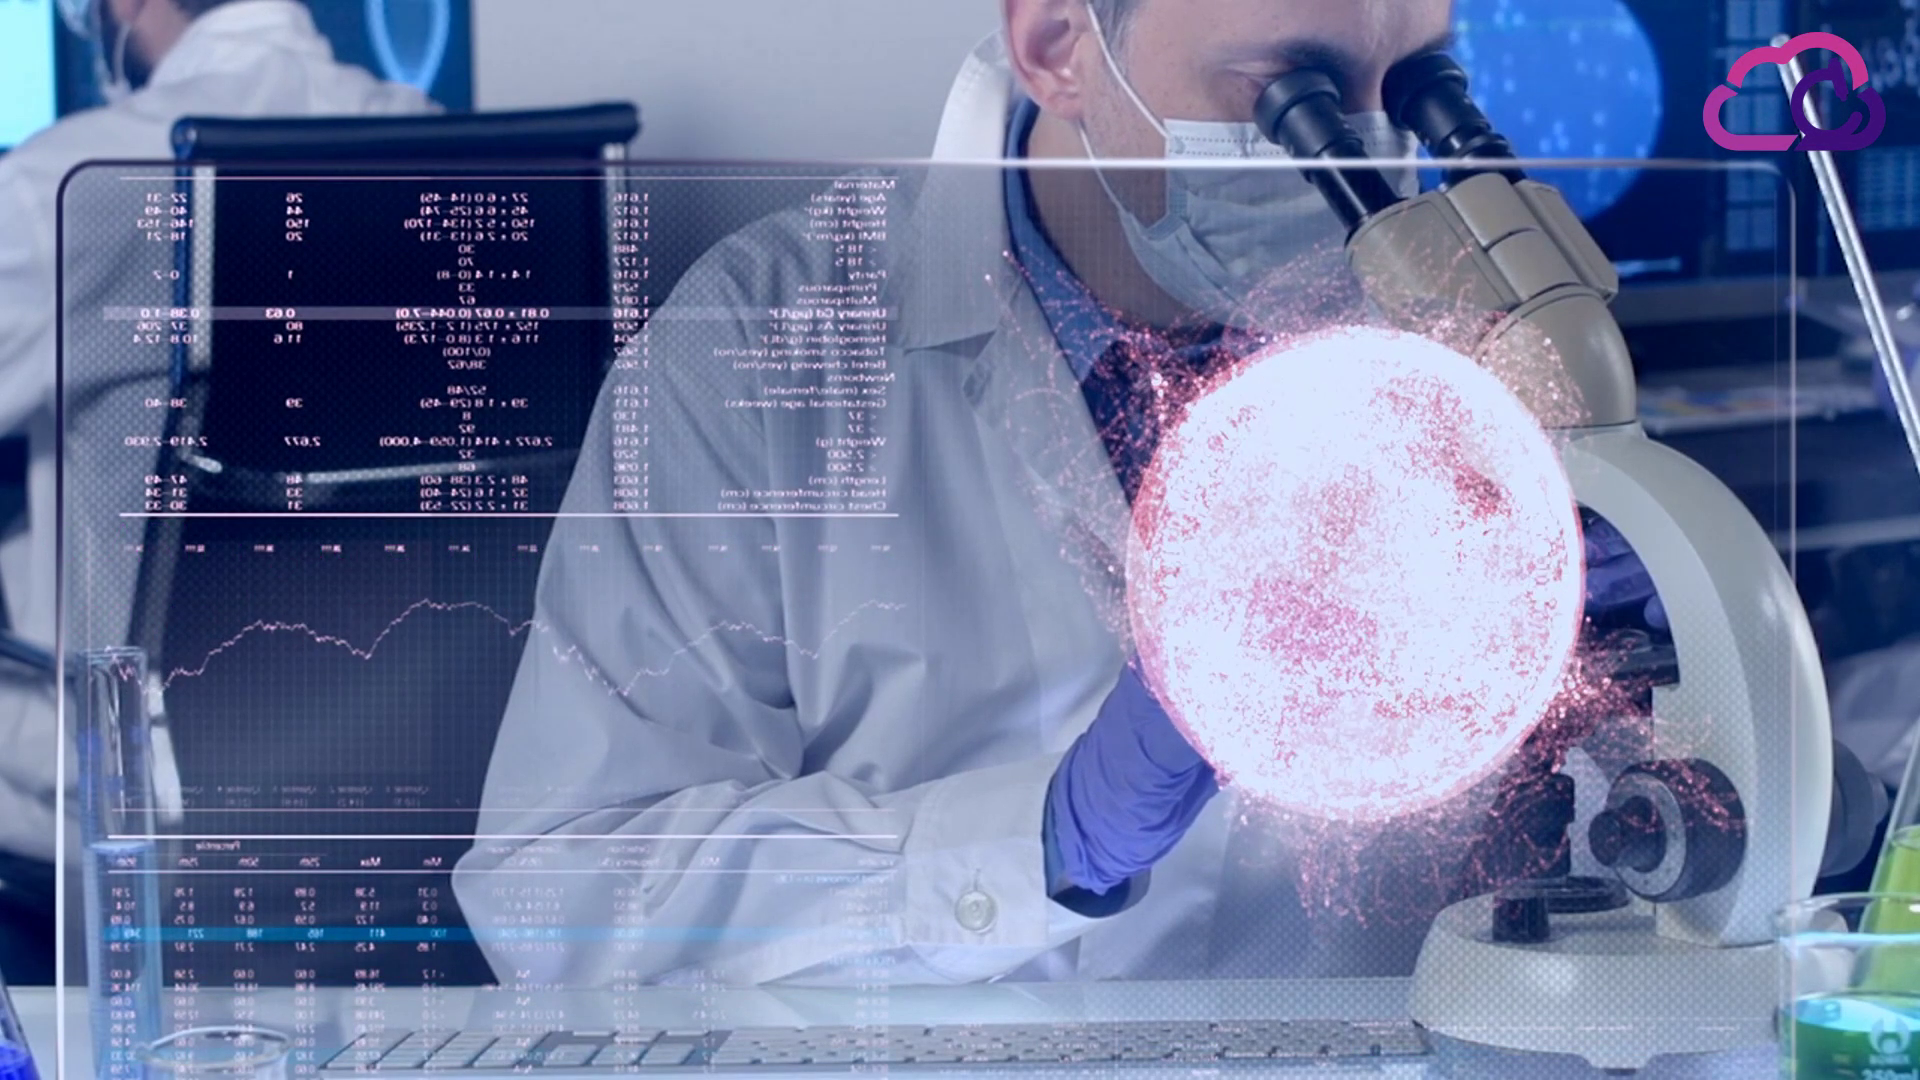 La UGR participa en un proyecto europeo sobre patología digital para ayudar en el diagnóstico de tres tipos de cáncer